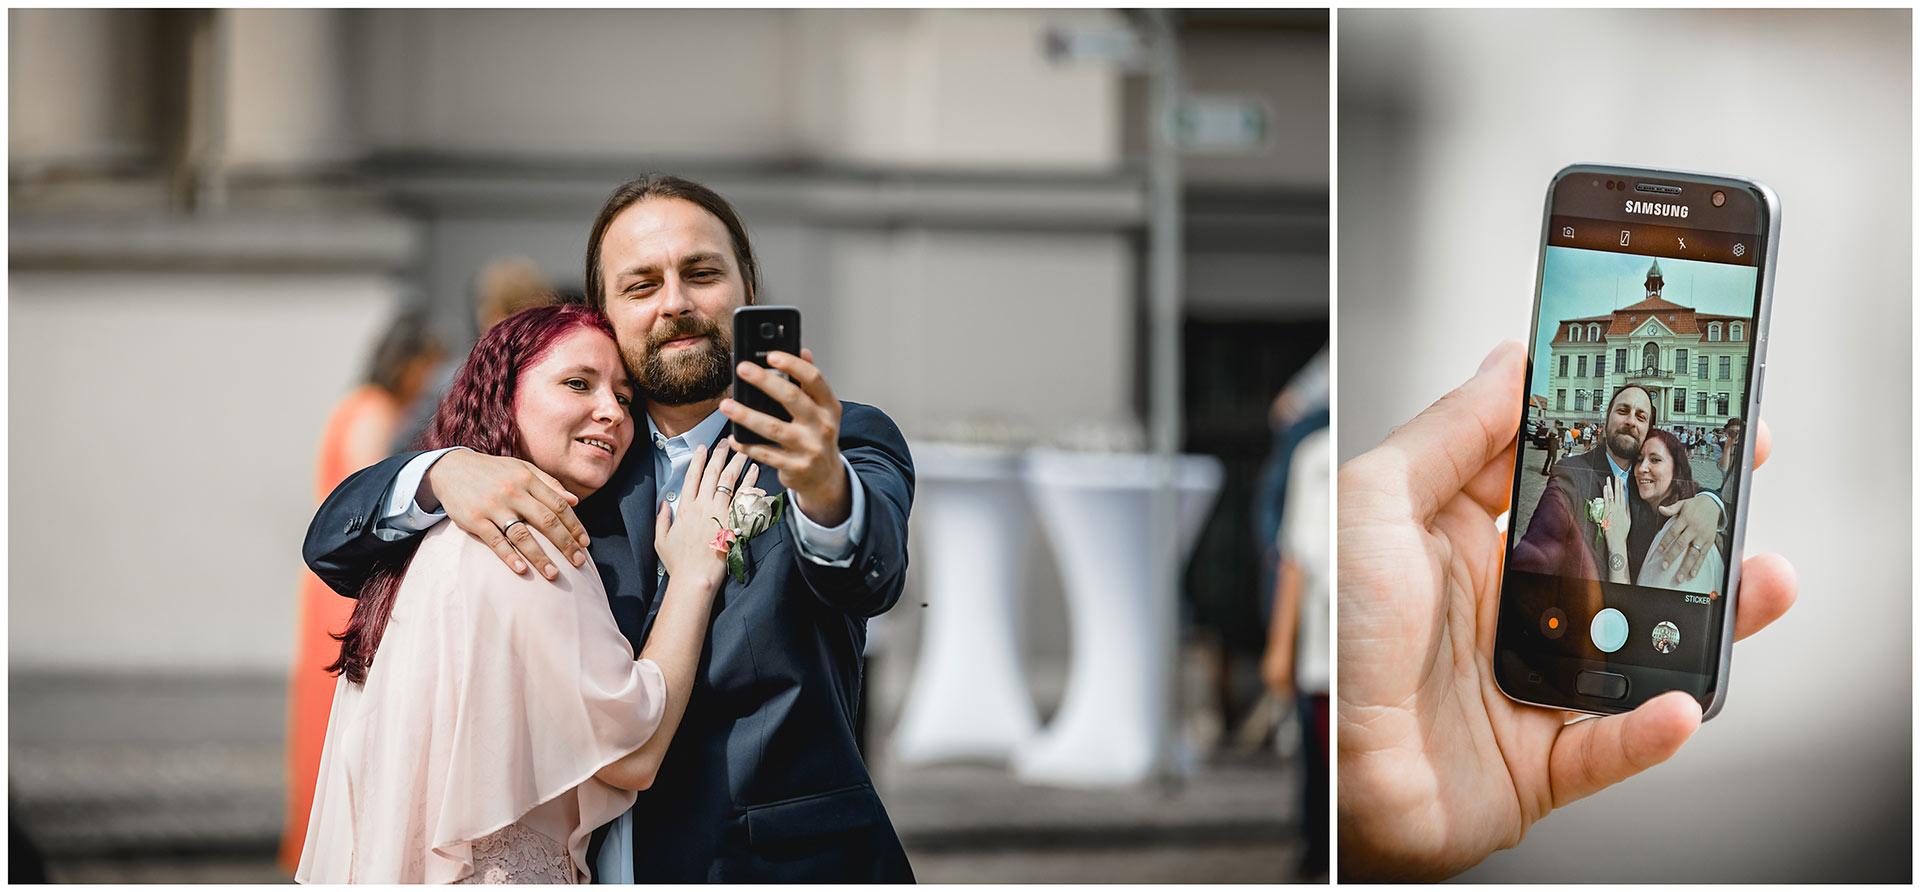 Brautpaar macht ein Selfie - Hochzeitsfotograf in Teterow